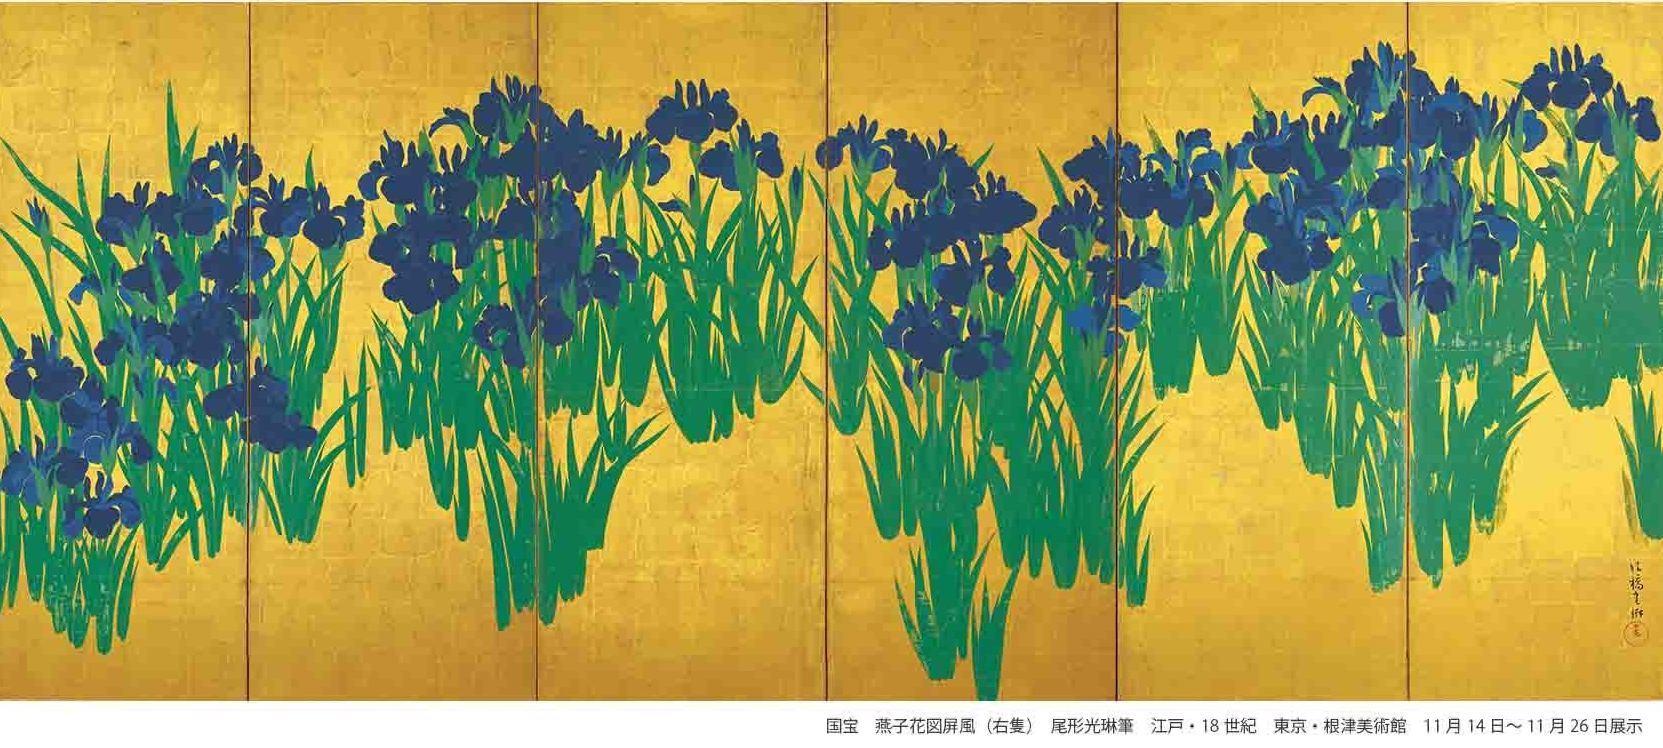 国宝 燕子花図屏風 尾形光琳筆 江戸・18世紀 東京・根津美術館